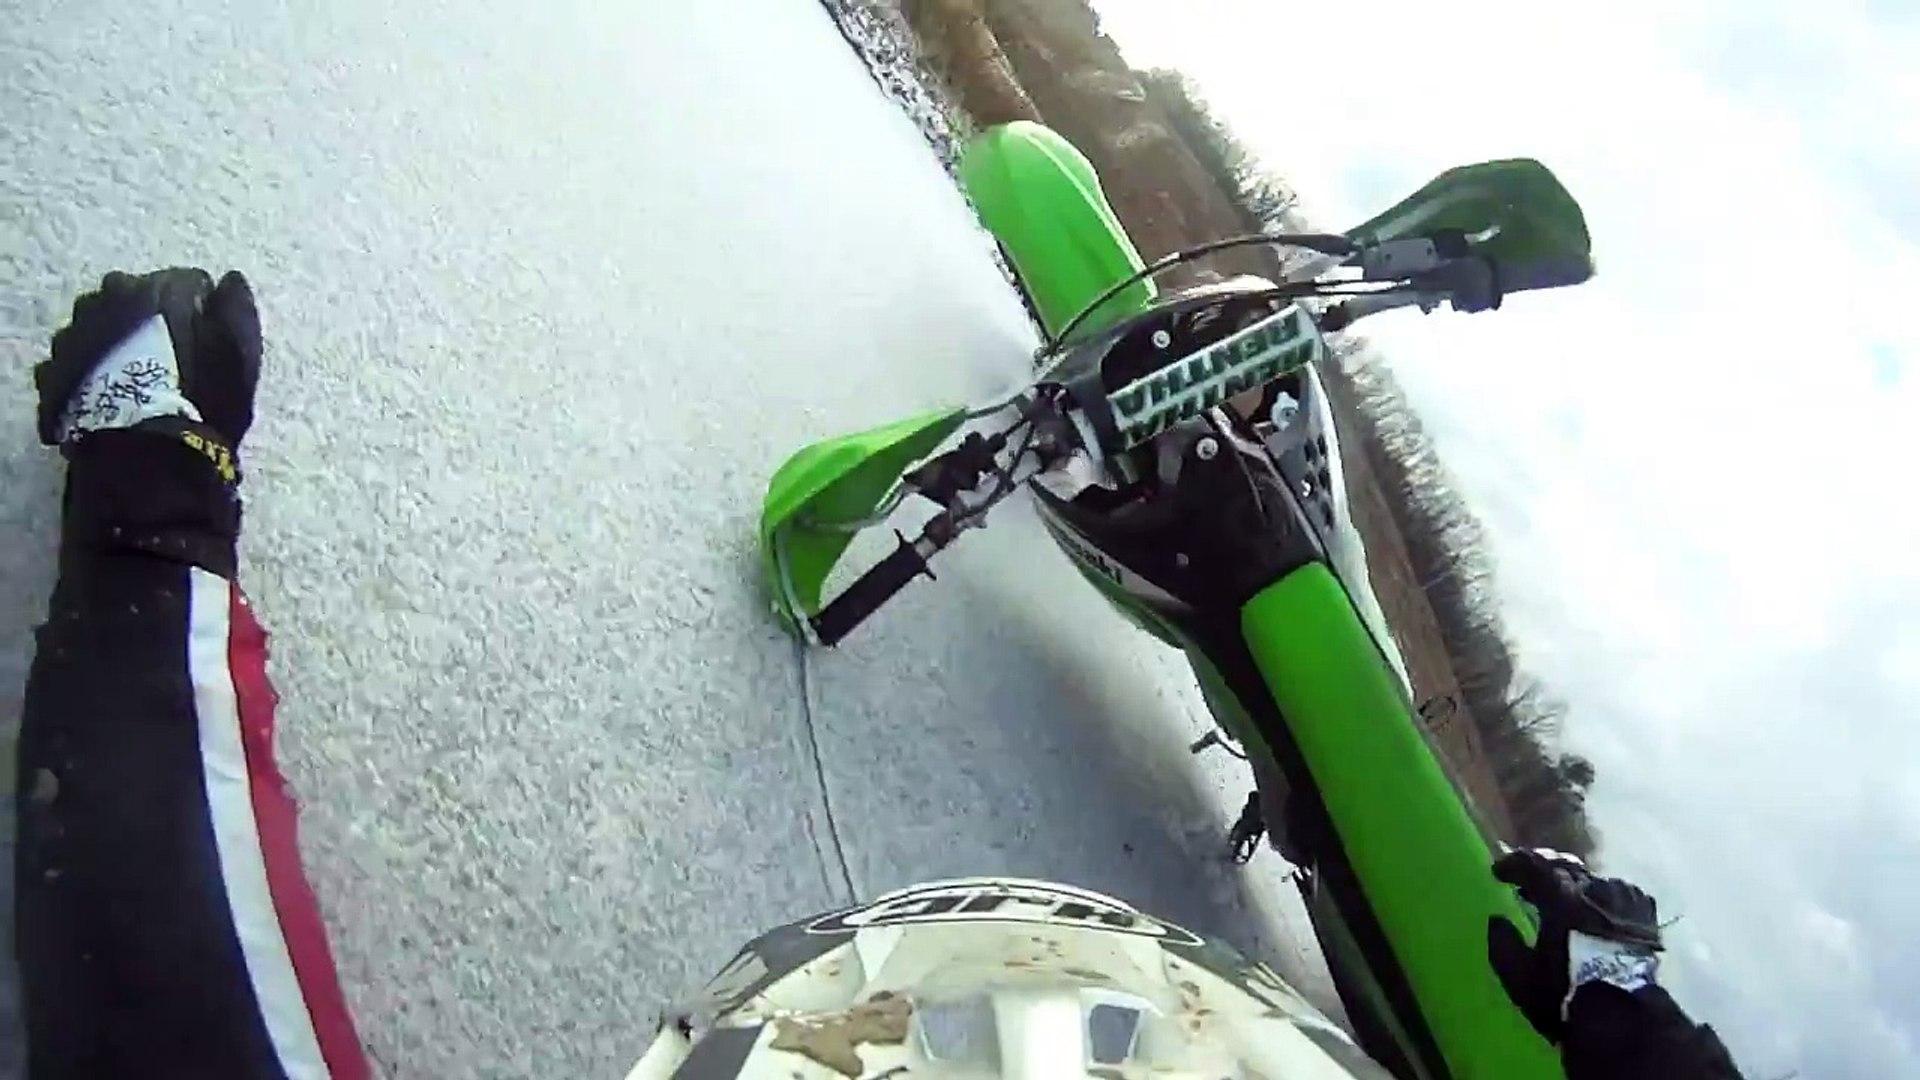 Как падают с мотоцикла на льду 24 декабря 2011